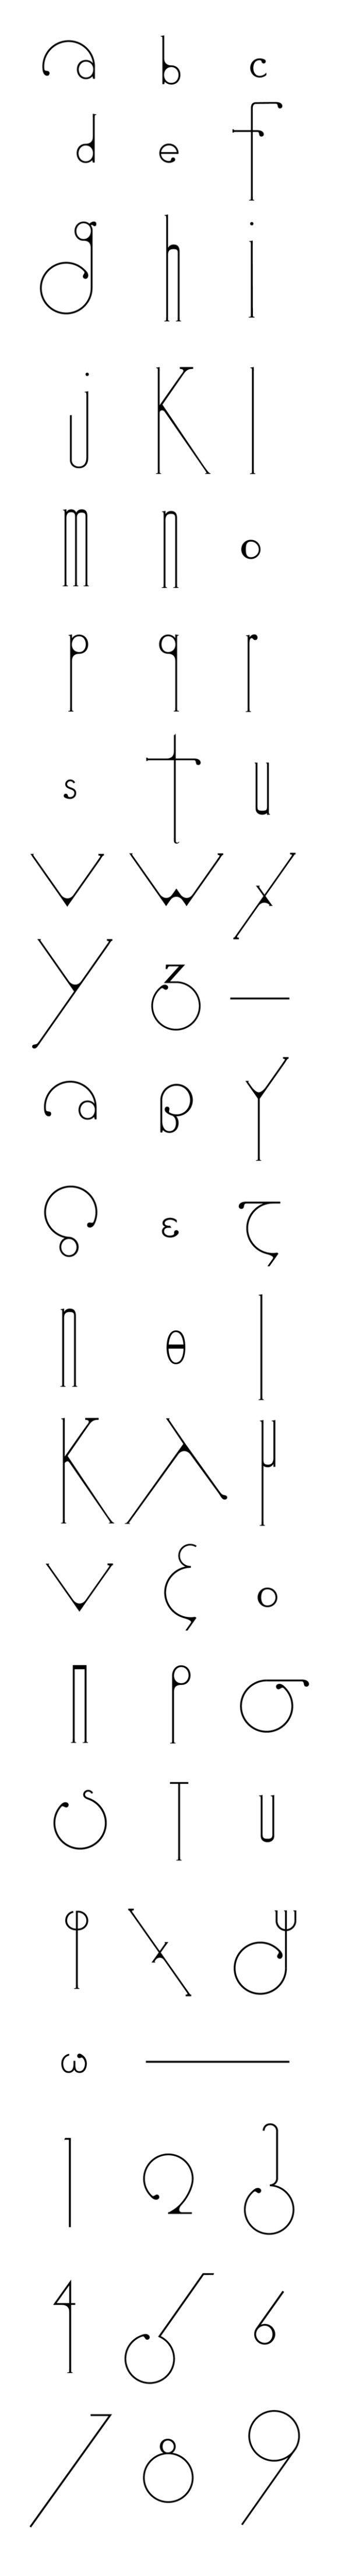 Photo of tolles Handlettering Alphabet mit speziellen Buchstaben